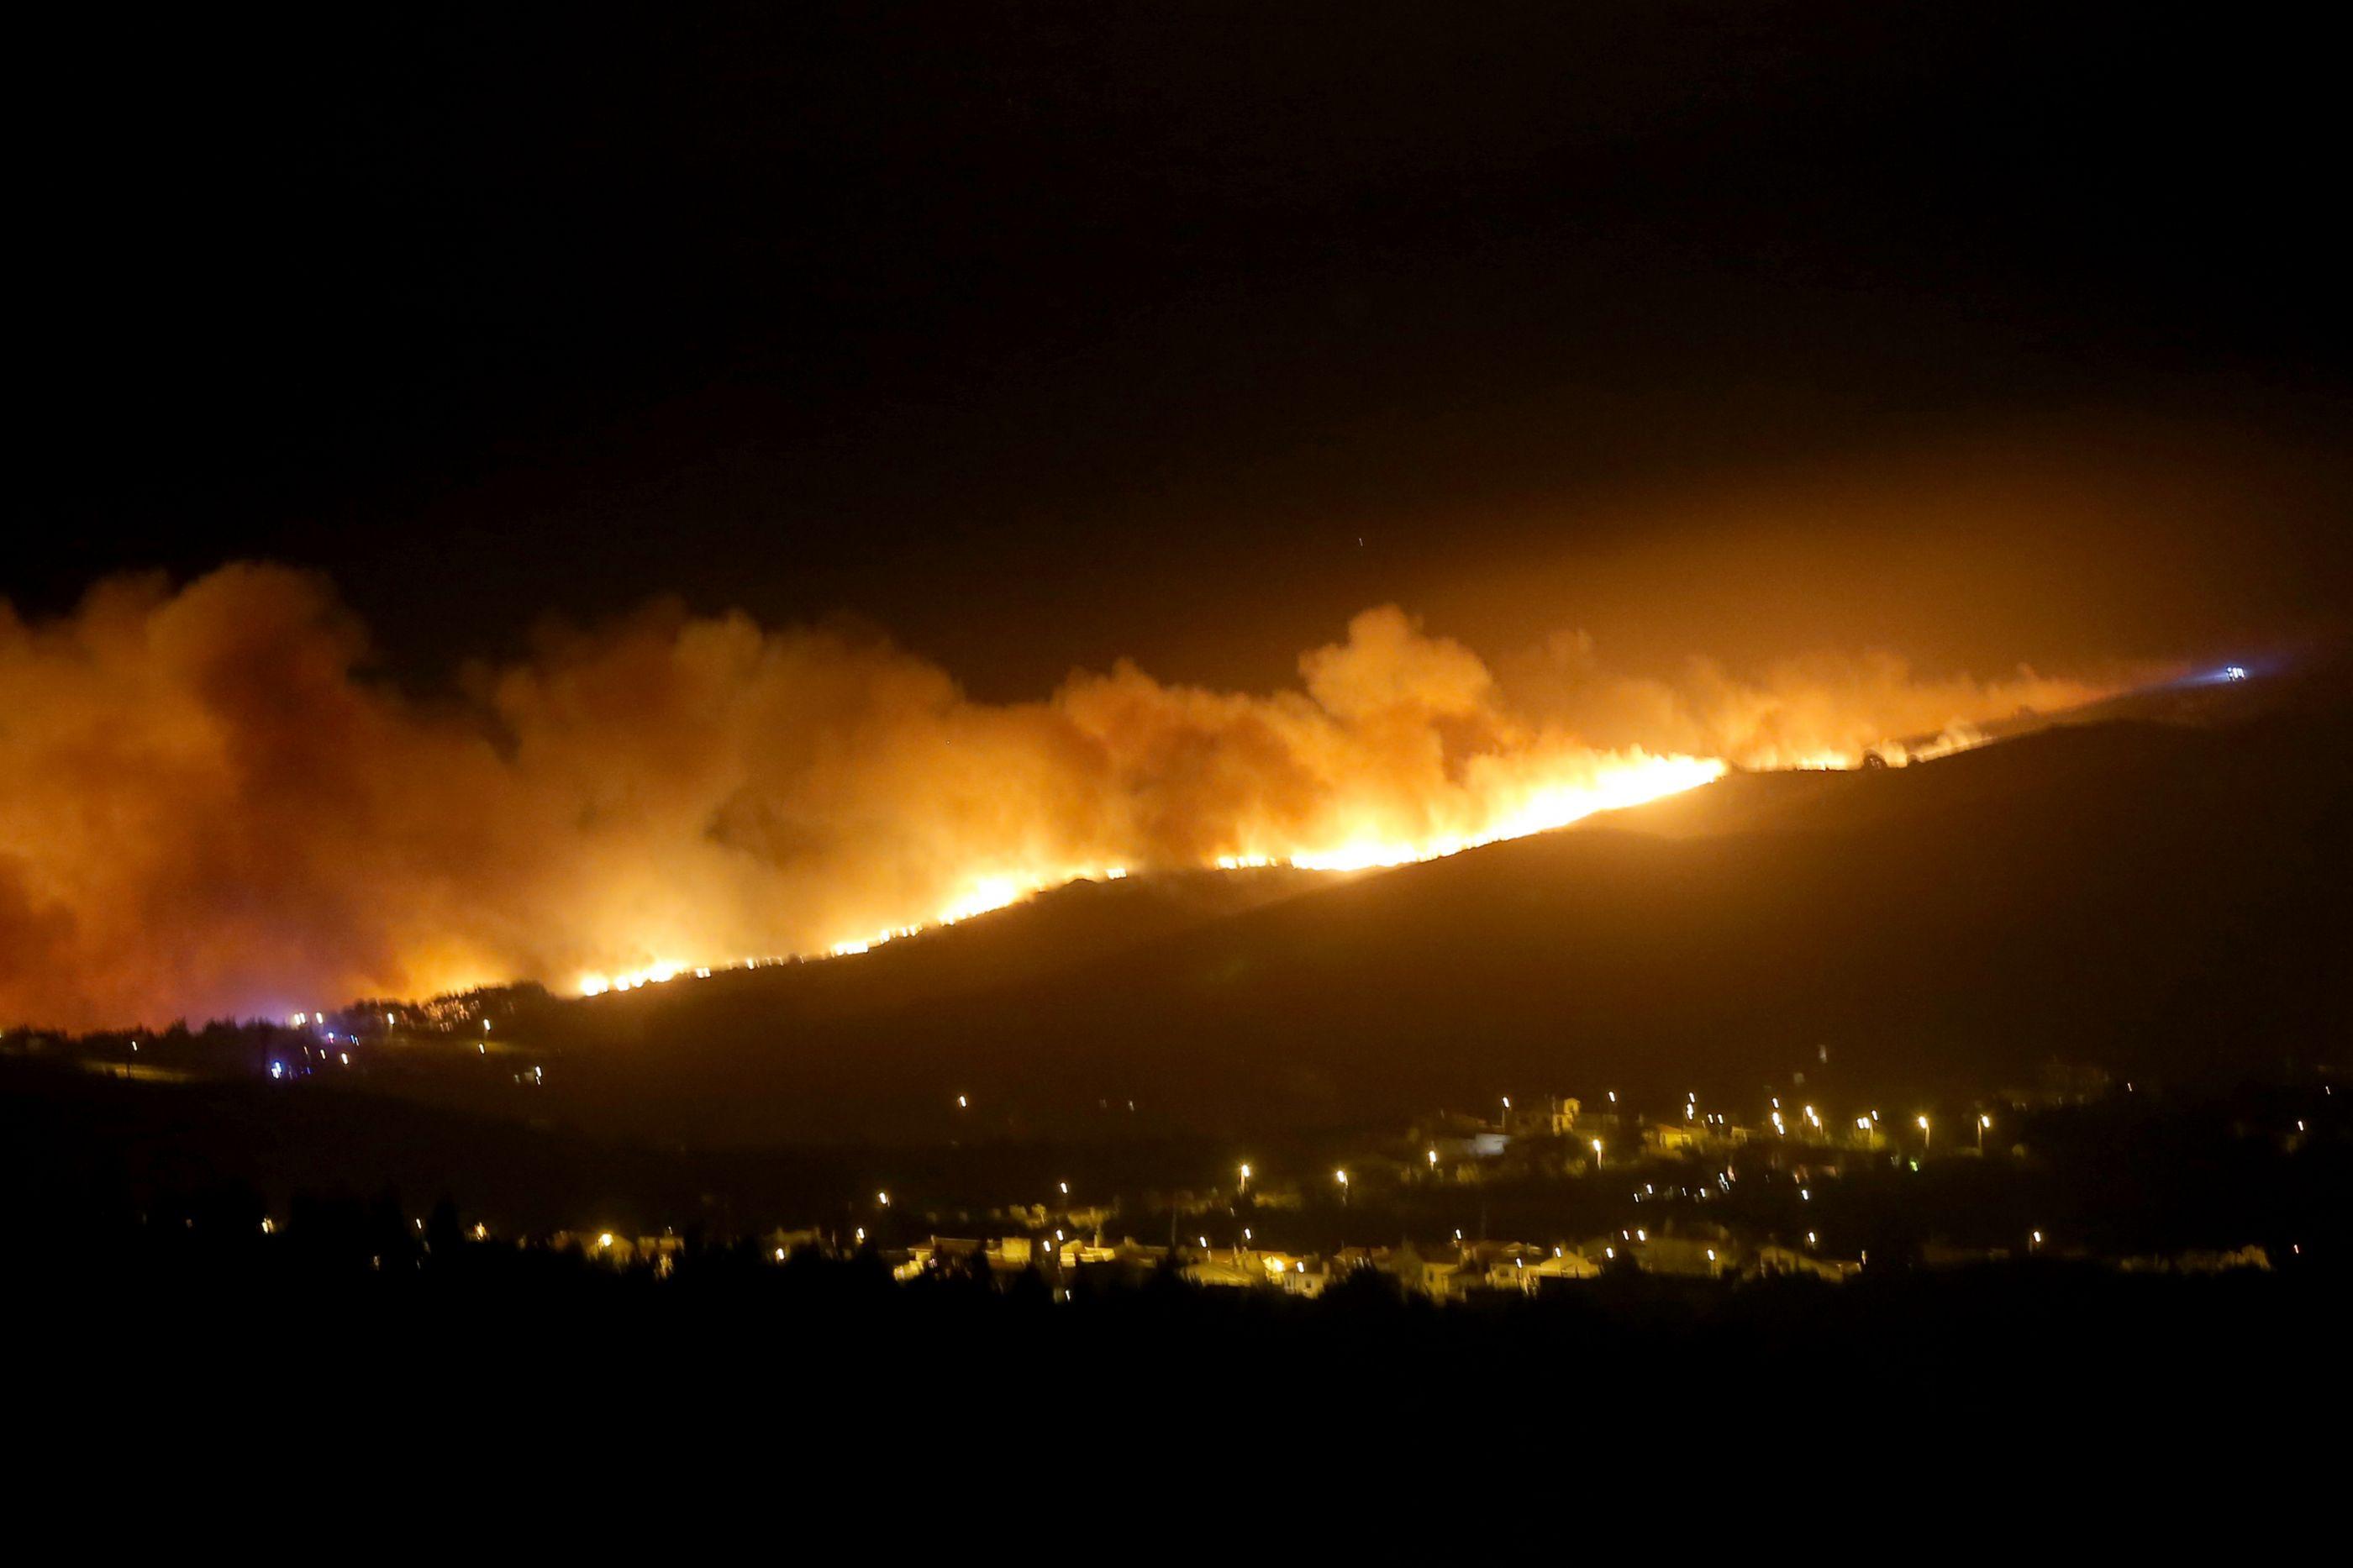 Meios aéreos entram em ação no combate ao fogo na serra de Sintra